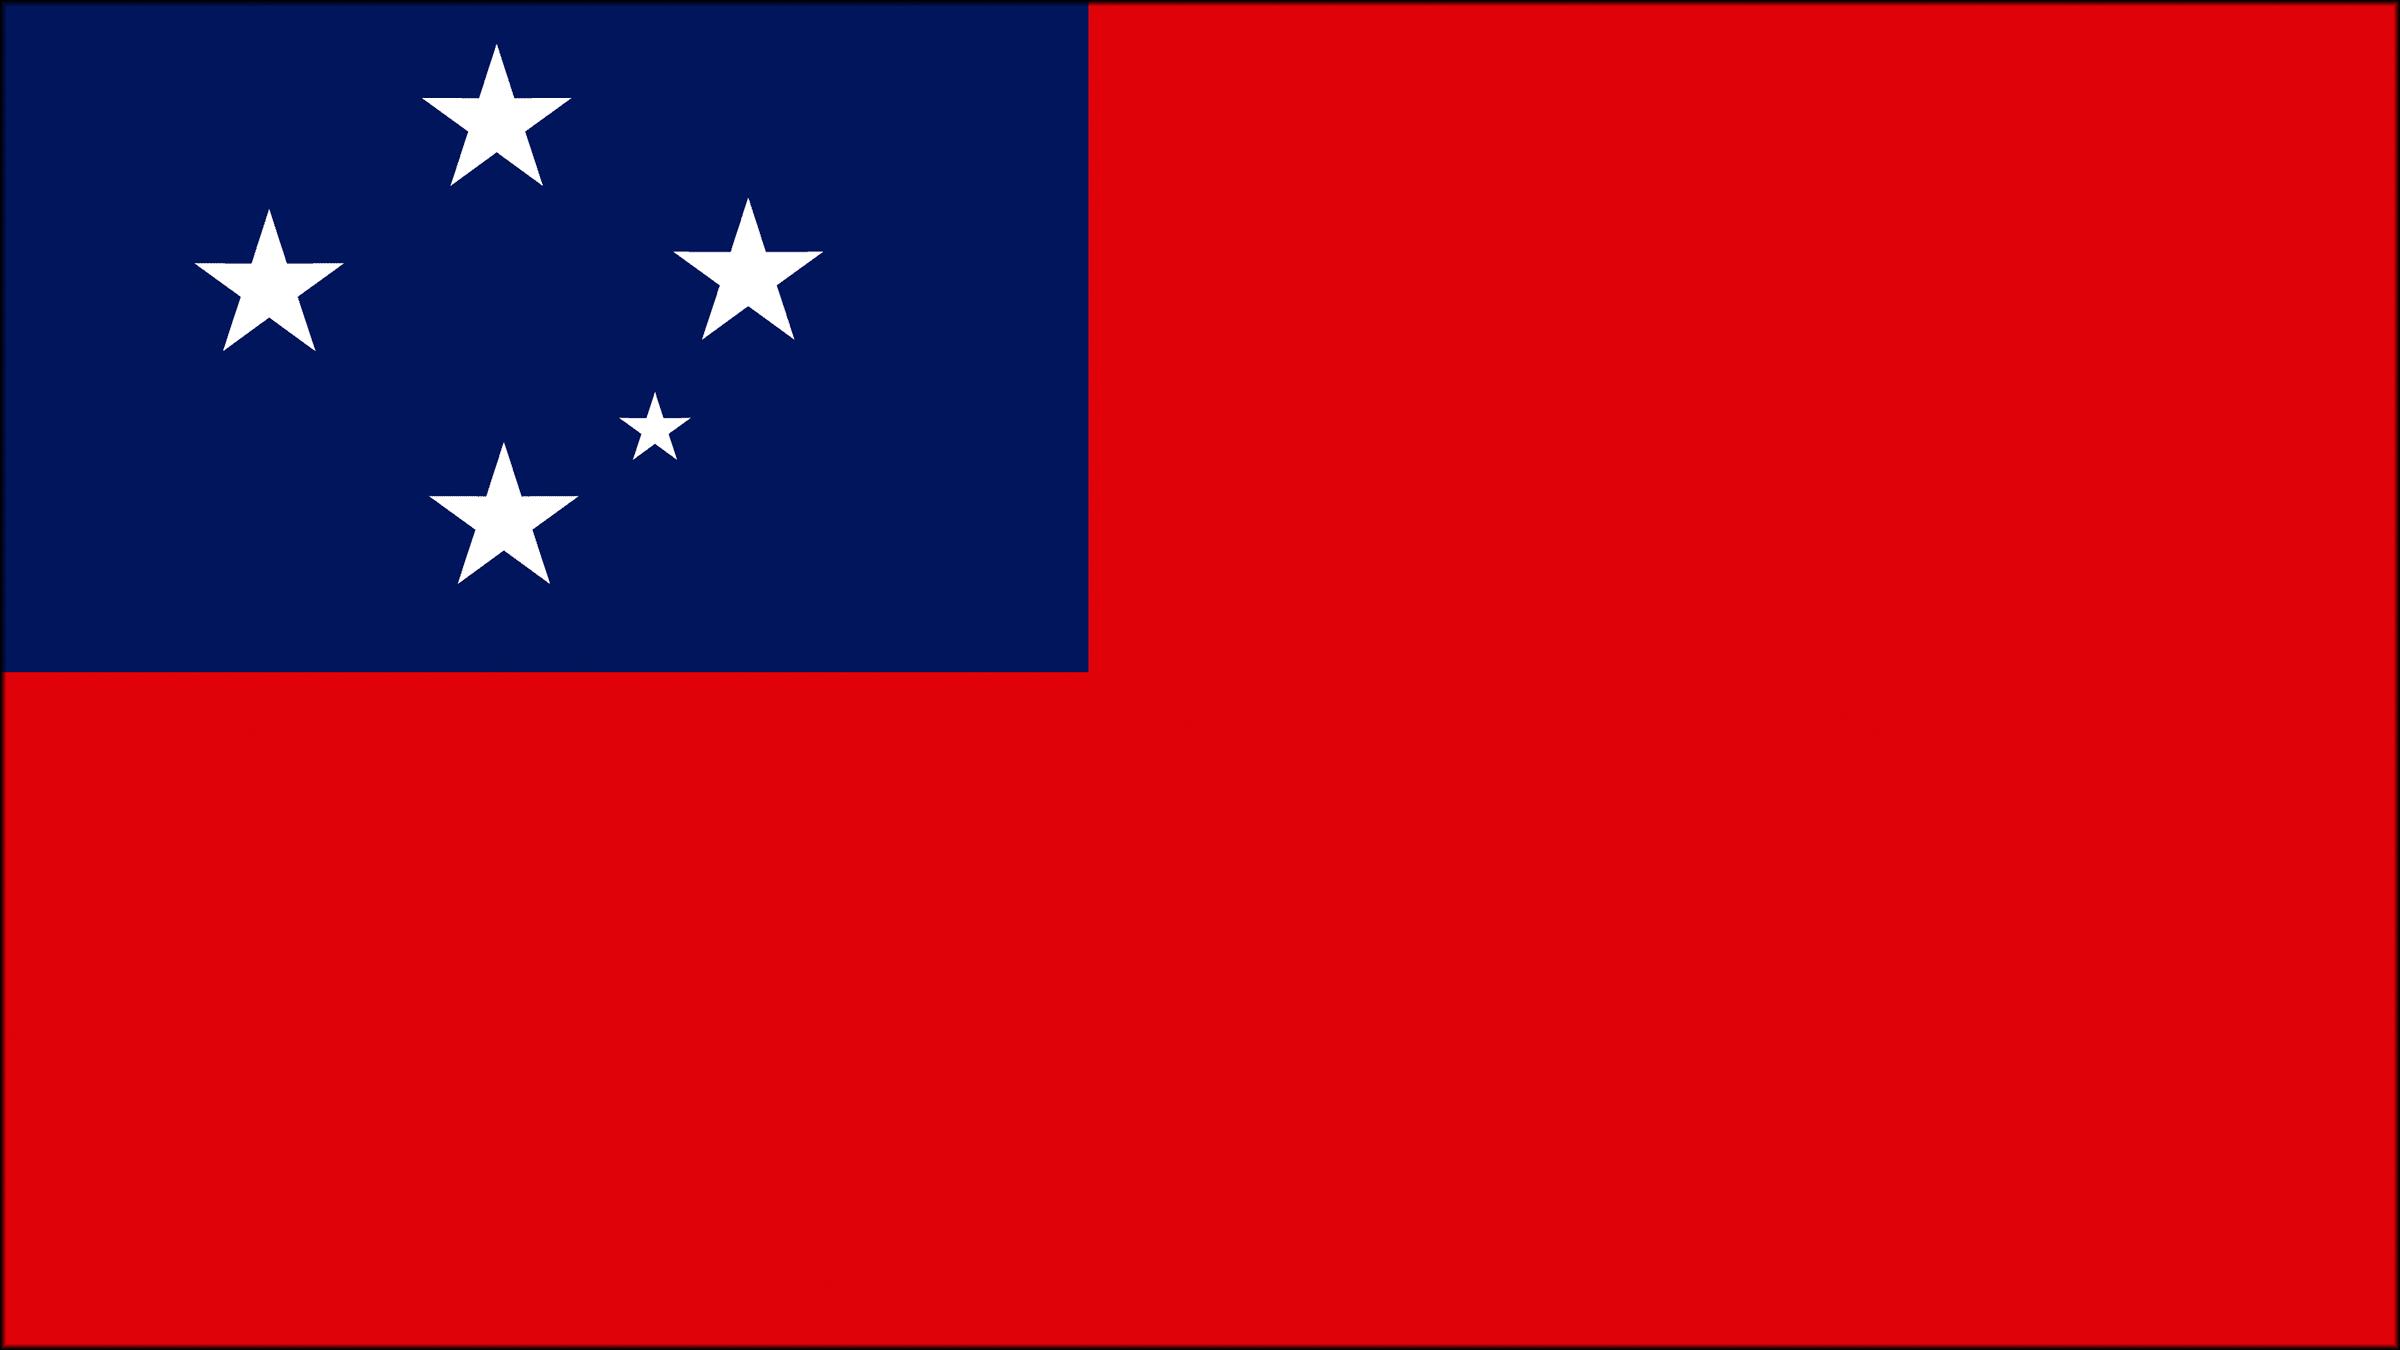 Las cinco estrellas de la bandera de samoa - Hoteles cinco estrellas ibiza ...